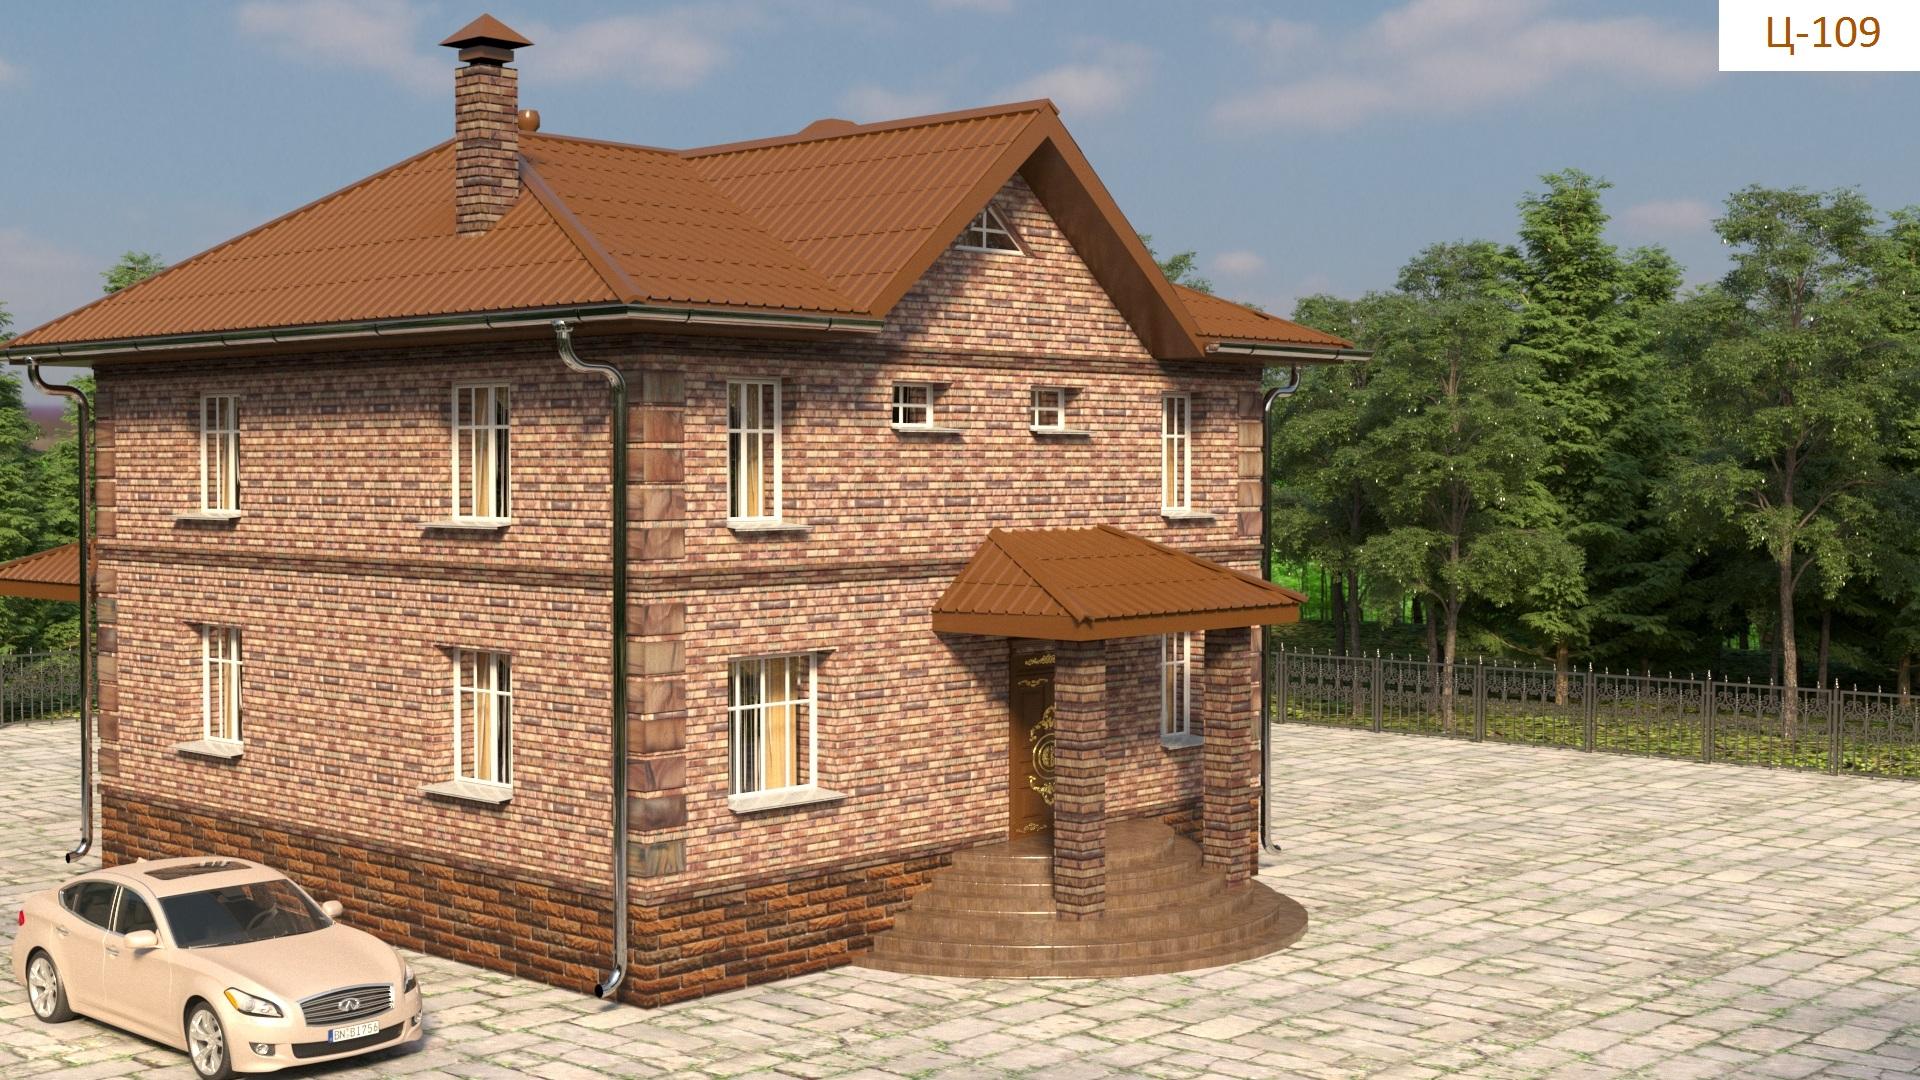 Готовый проект дома - 150 кв. м / Артикул Ц-109 фасад